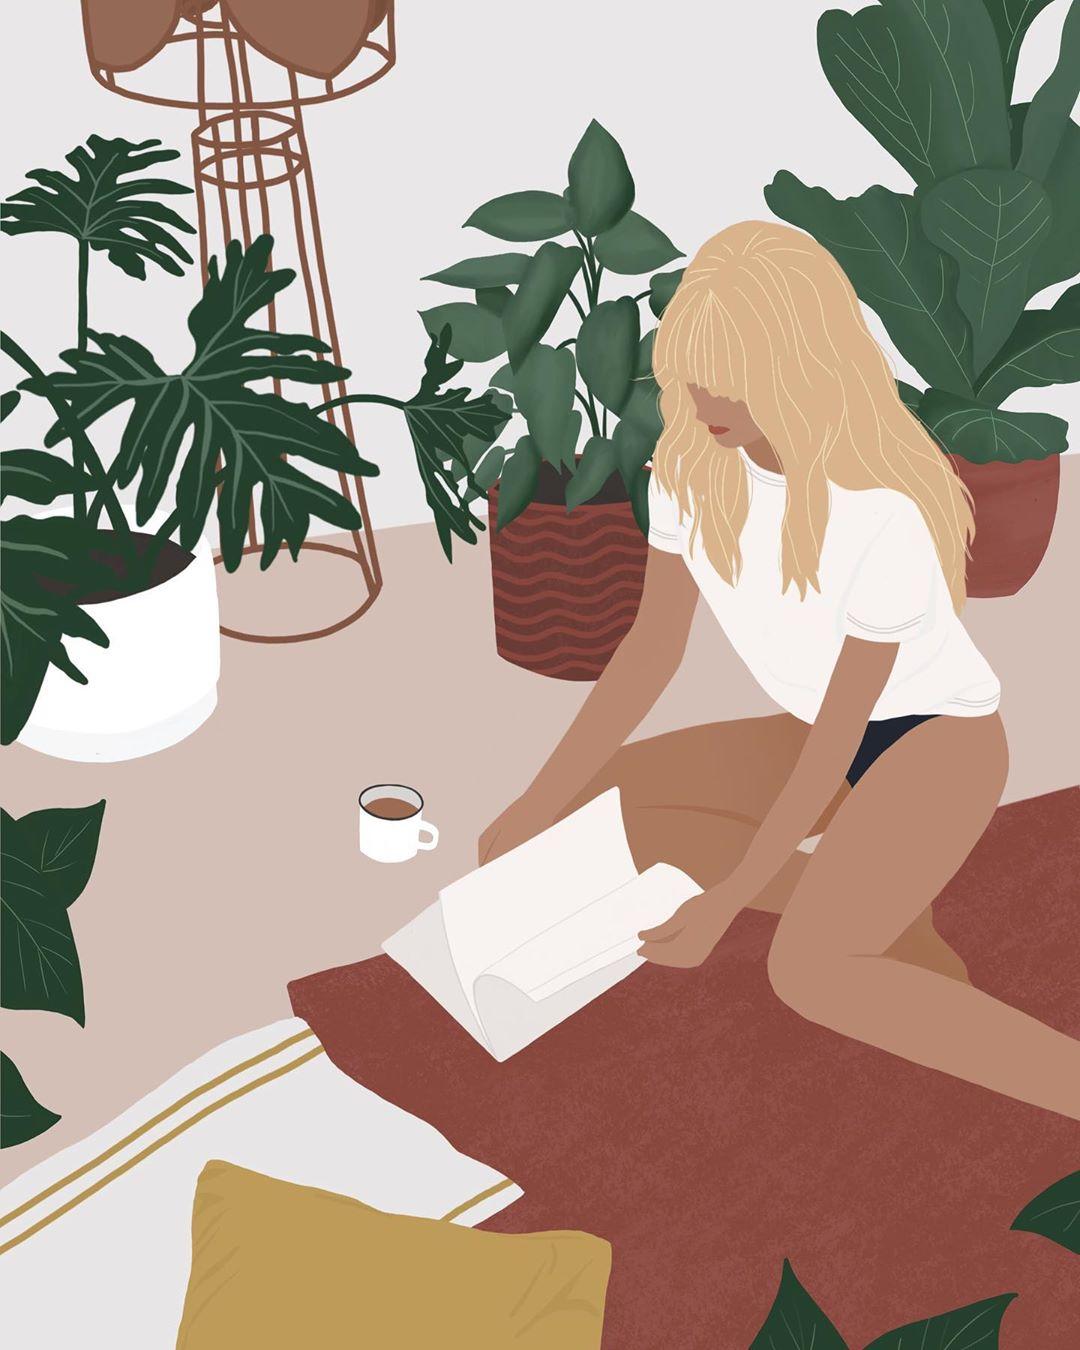 Лето и девушки: серия иллюстраций Good Weather 67441958_574478289750085_4965395420083476311_n.jpg